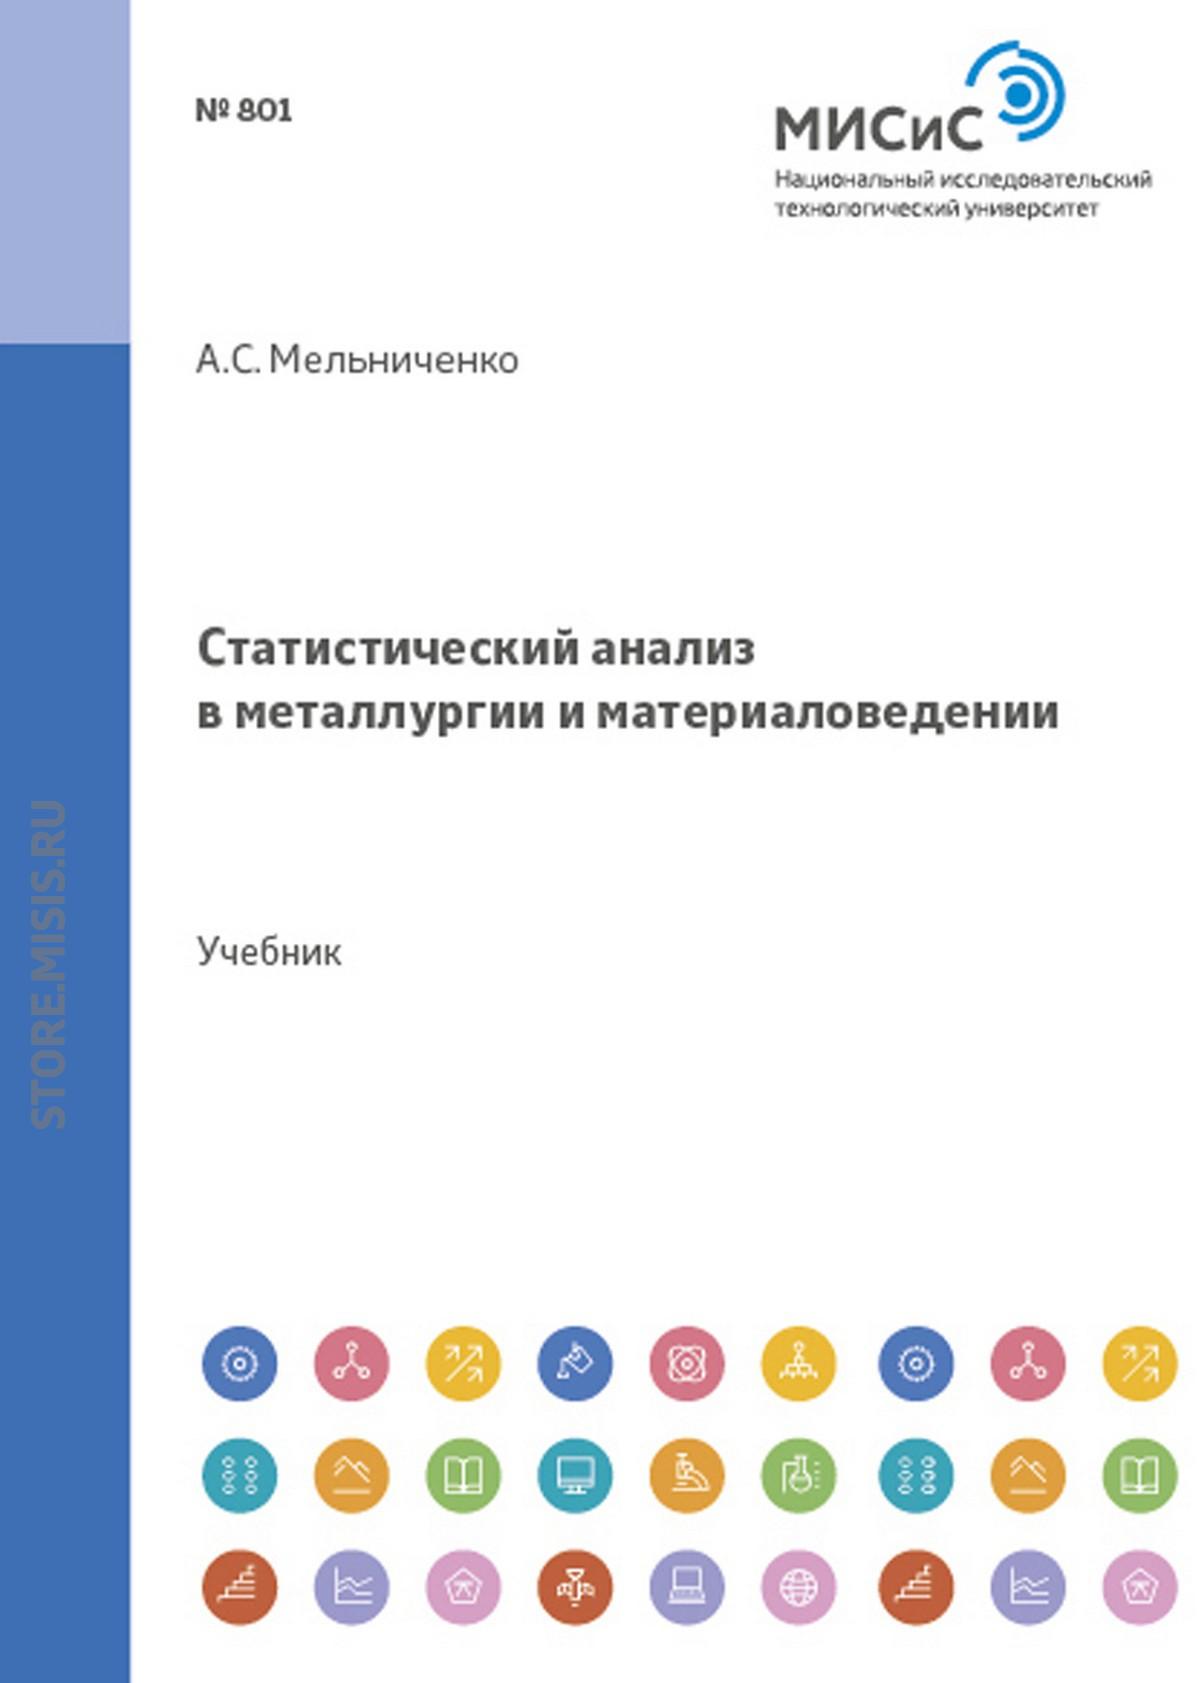 А. С. Мельниченко Статистический анализ в металлургии и материаловедении